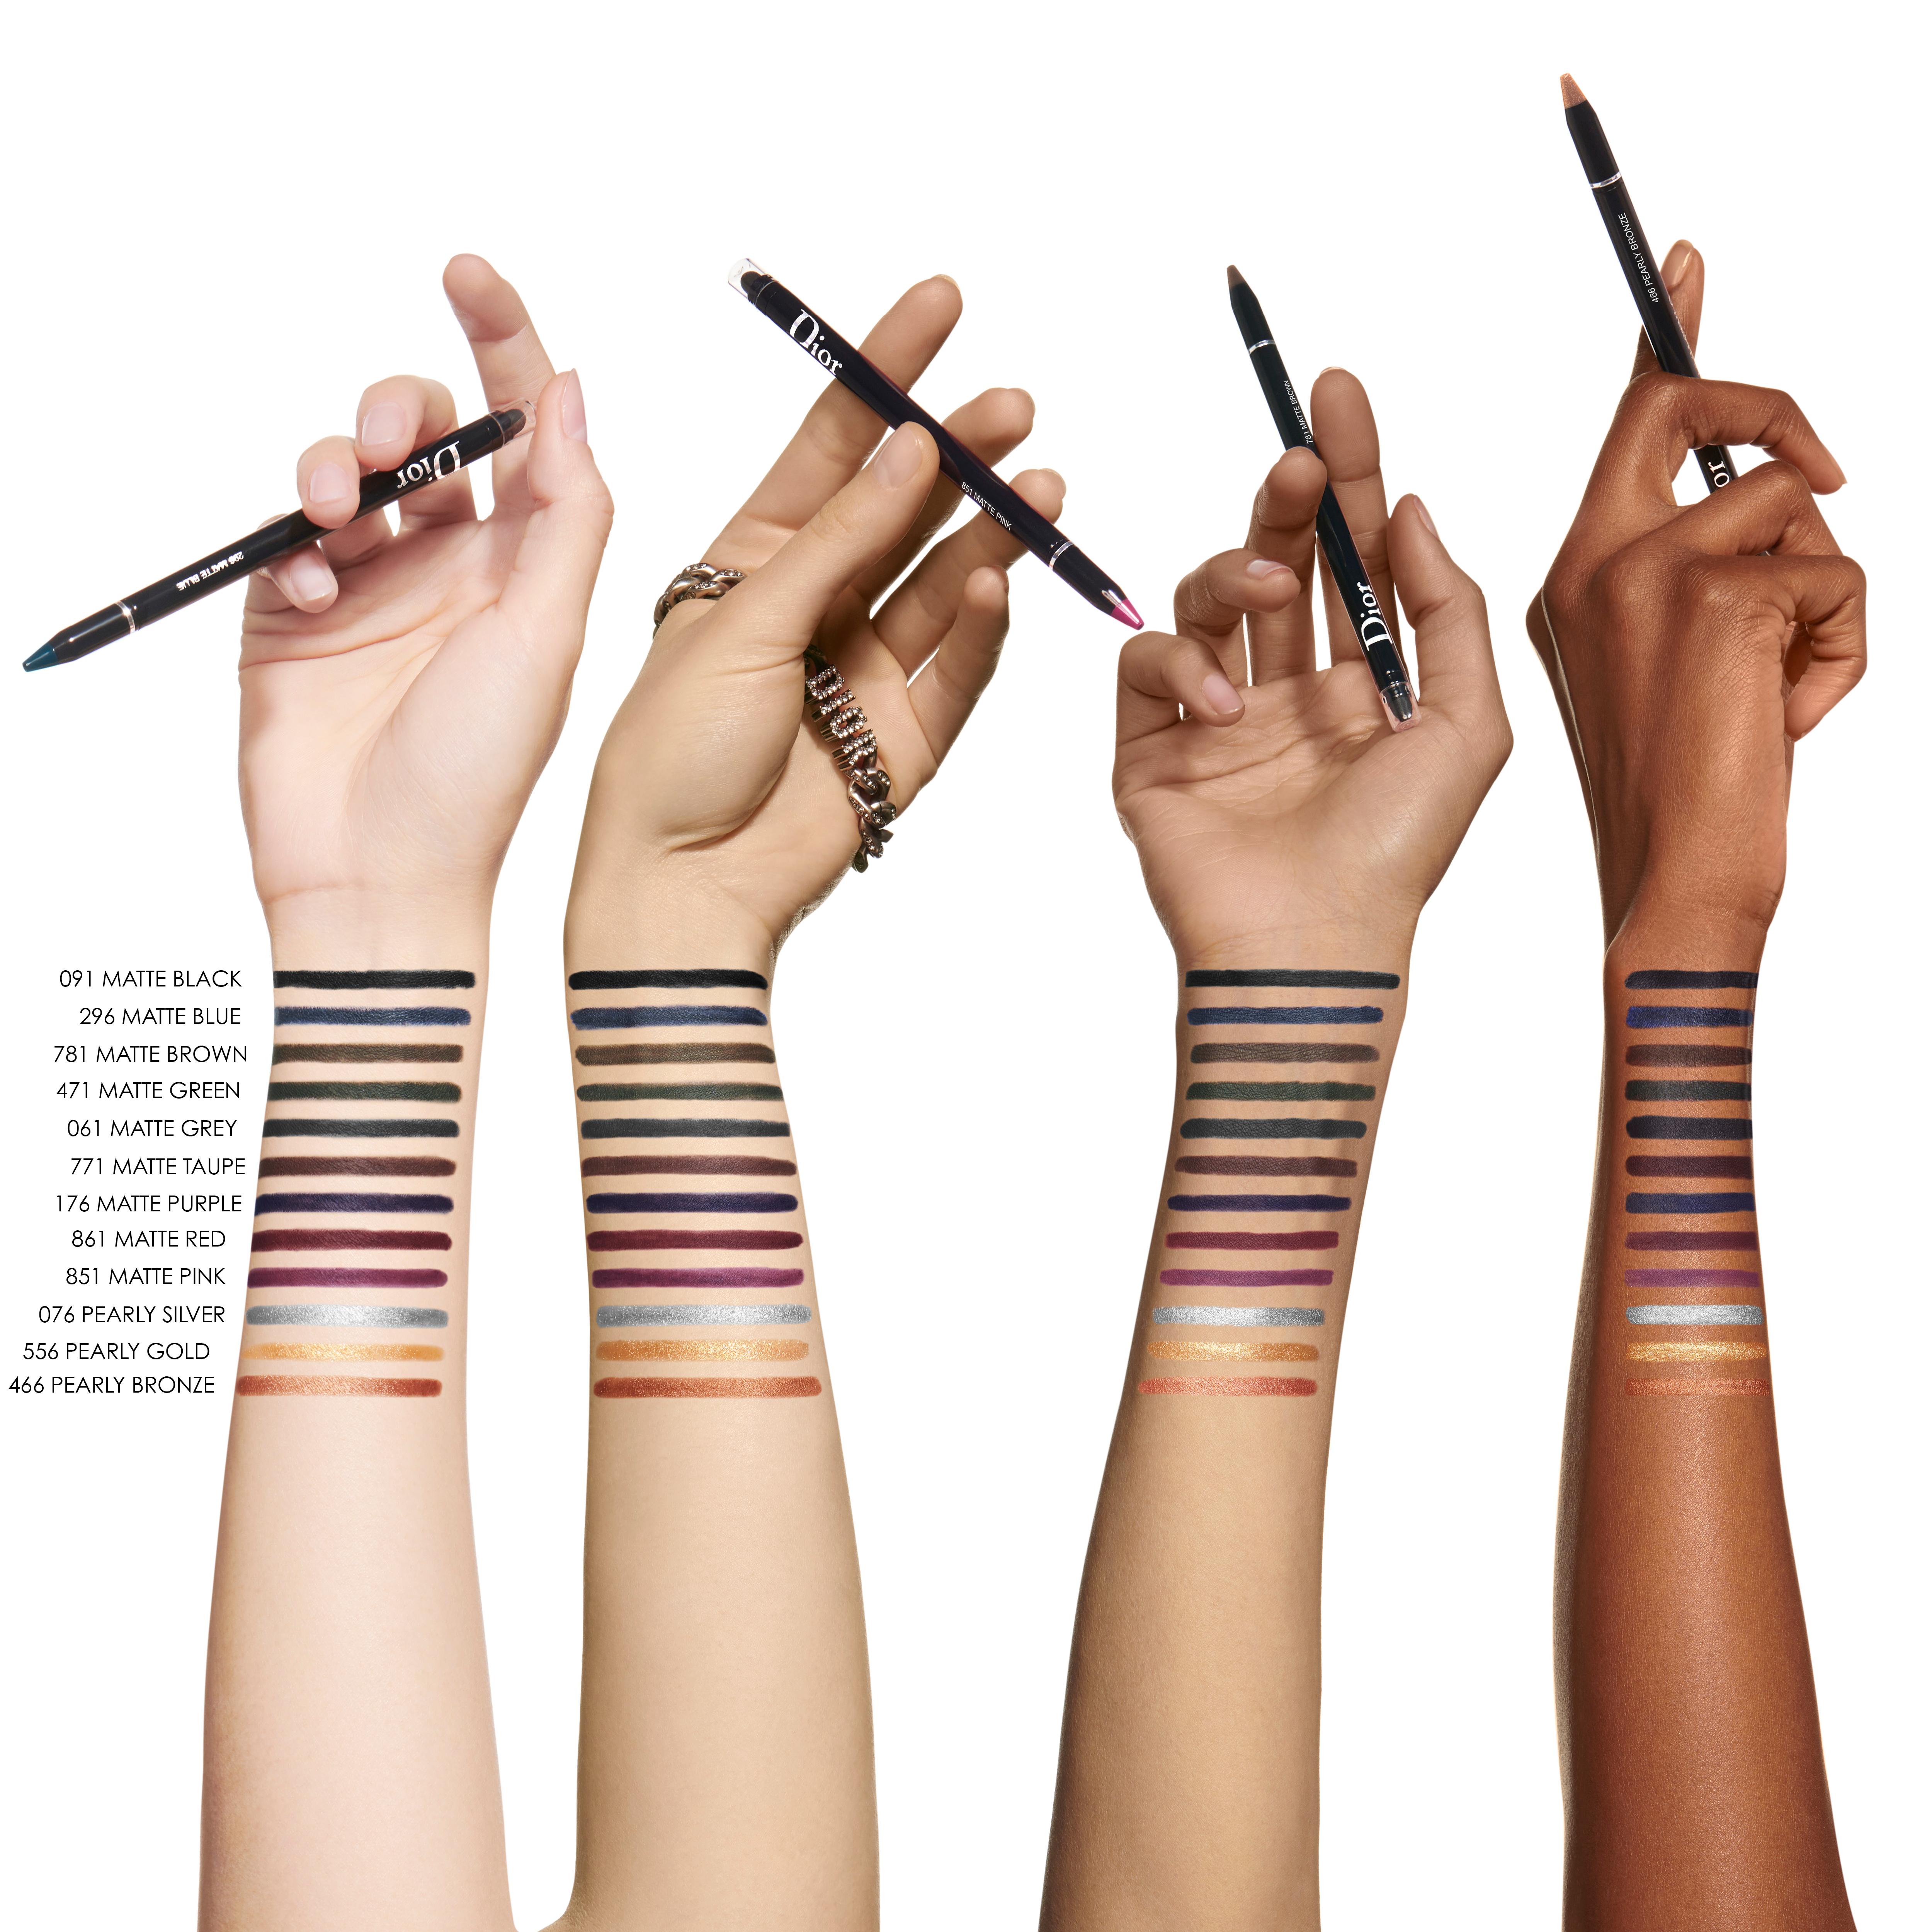 DIOR Diorshow 24H Stylo Pencil, 781 matte brown